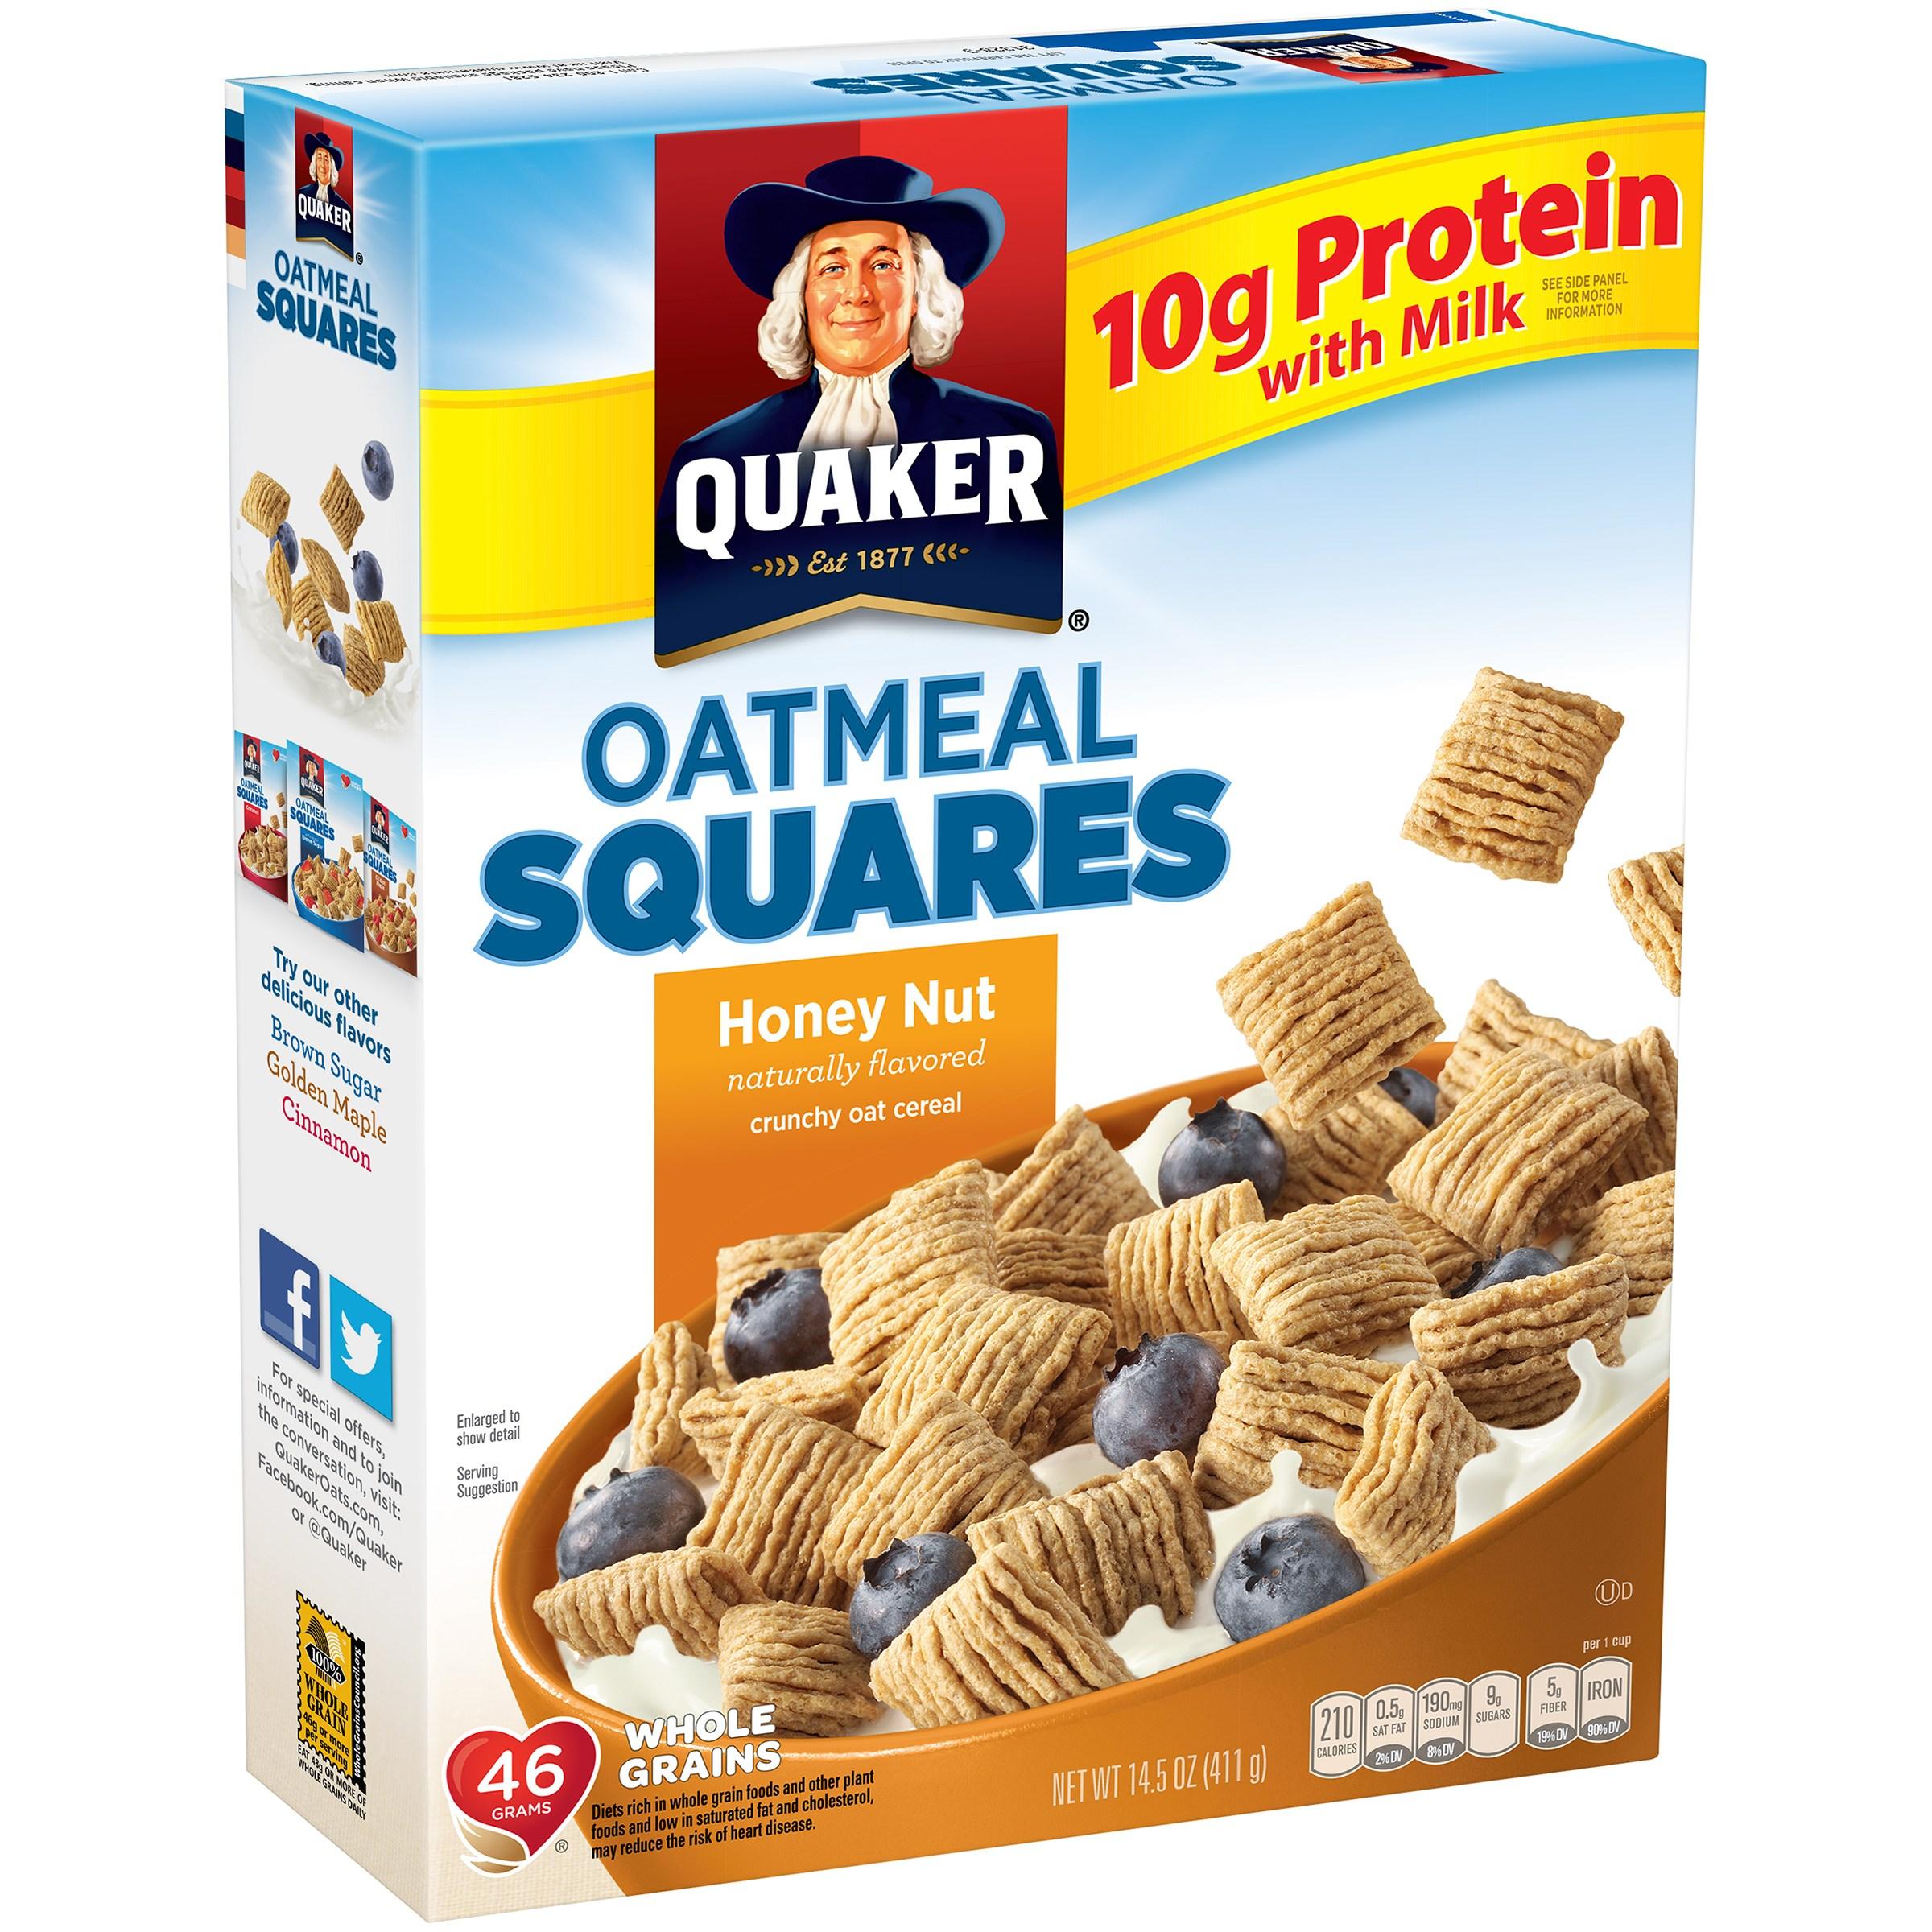 Quaker Oatmeal Squares Honey Nut Cereal 14.5 oz. Box